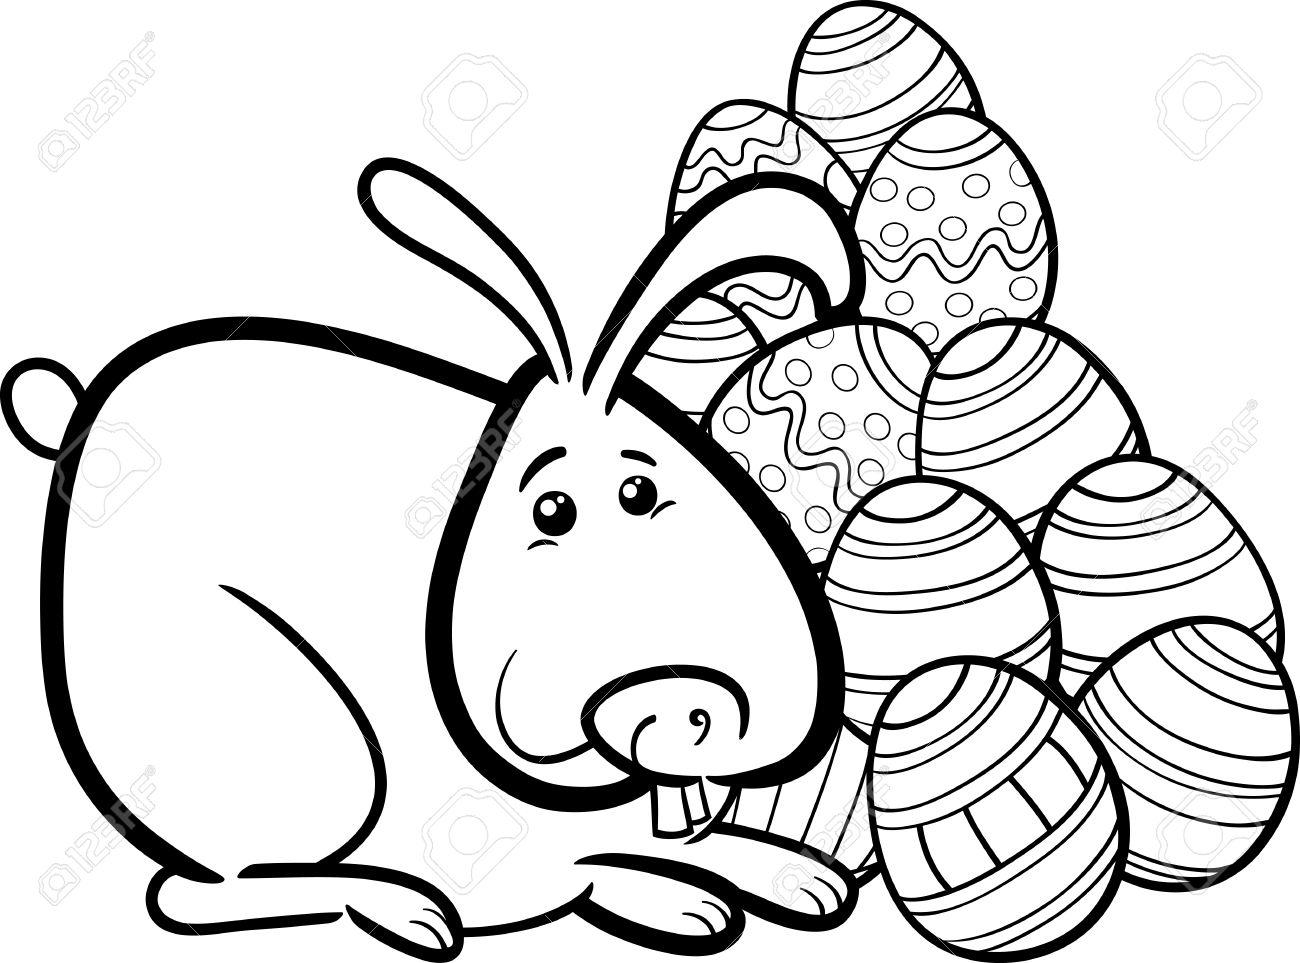 Negro Y Dibujos Animados De Blanco Ilustración De Conejito De Pascua ...